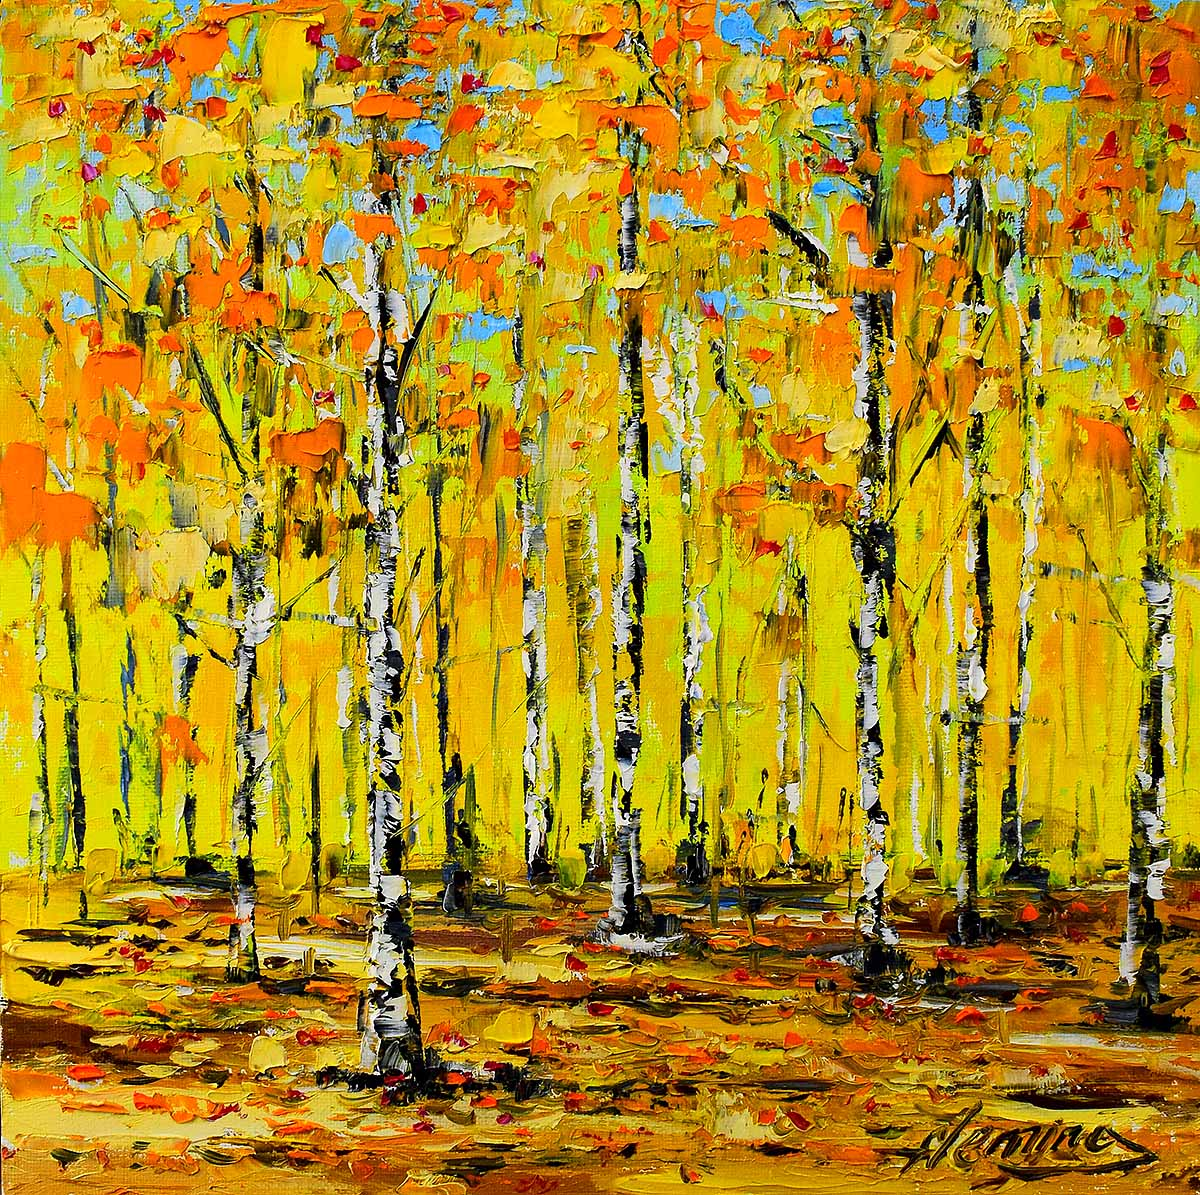 Kevin Fleming - Golden Birch Thicket, Tummel Bridge, canvas